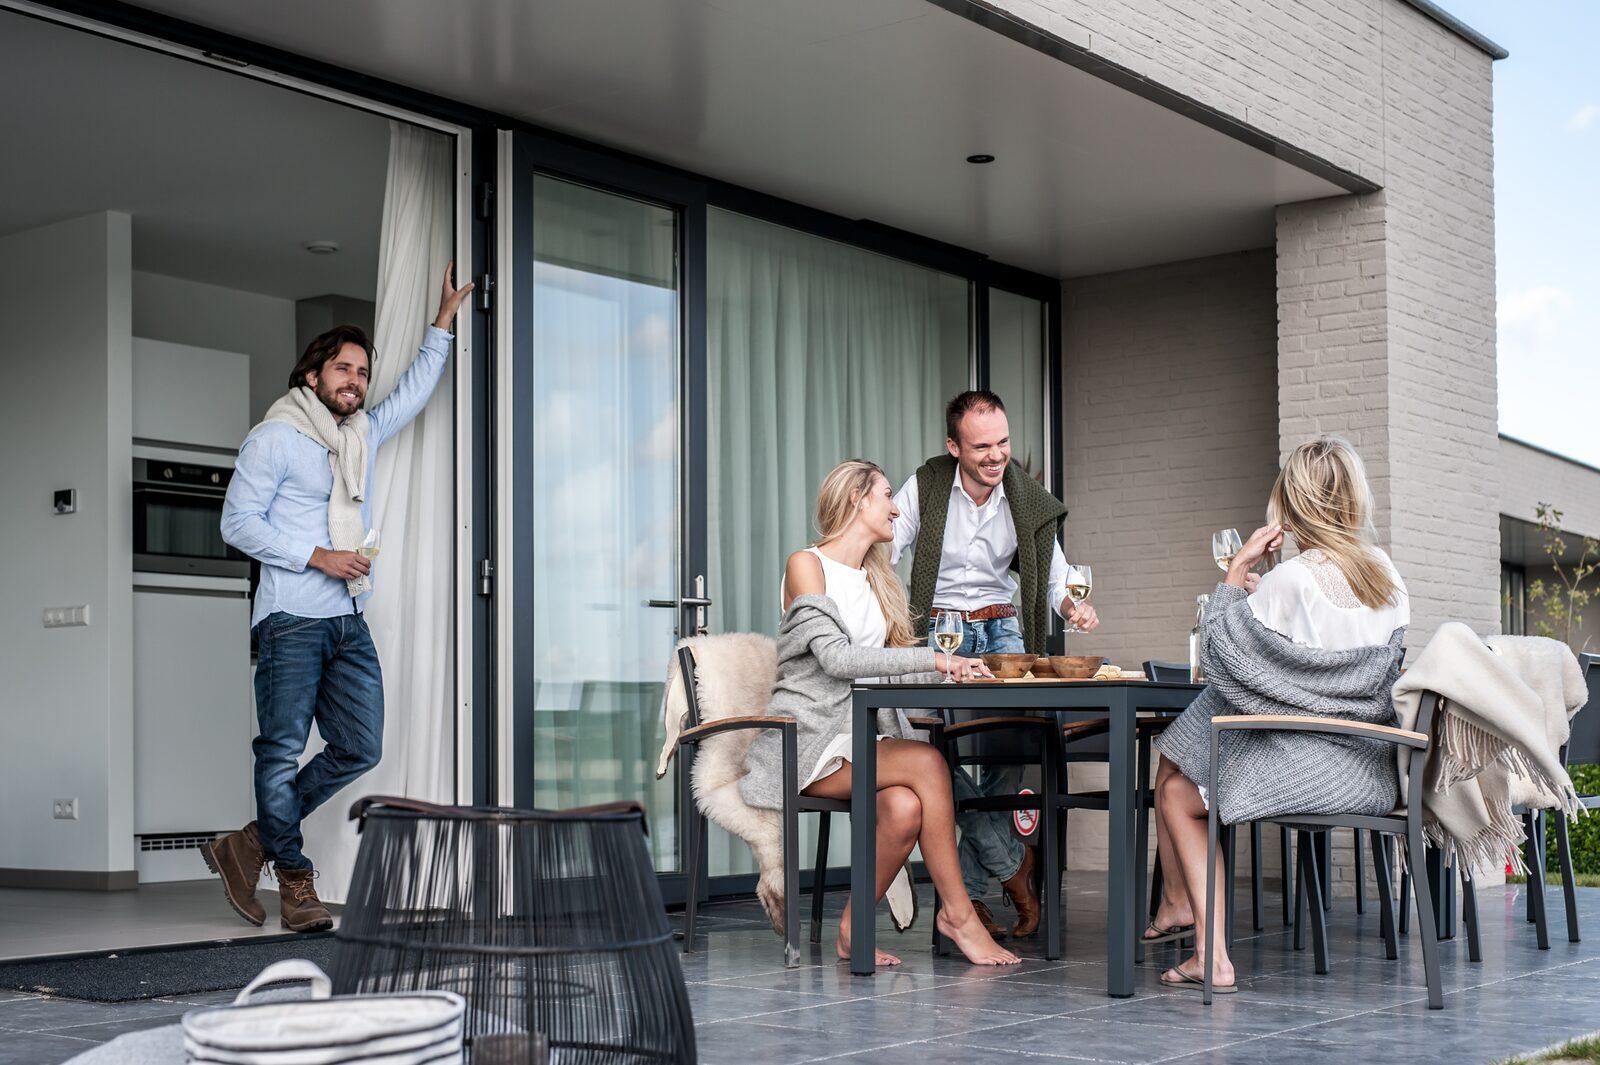 Eigenaren luxe vakantiehuizen in Zeeland